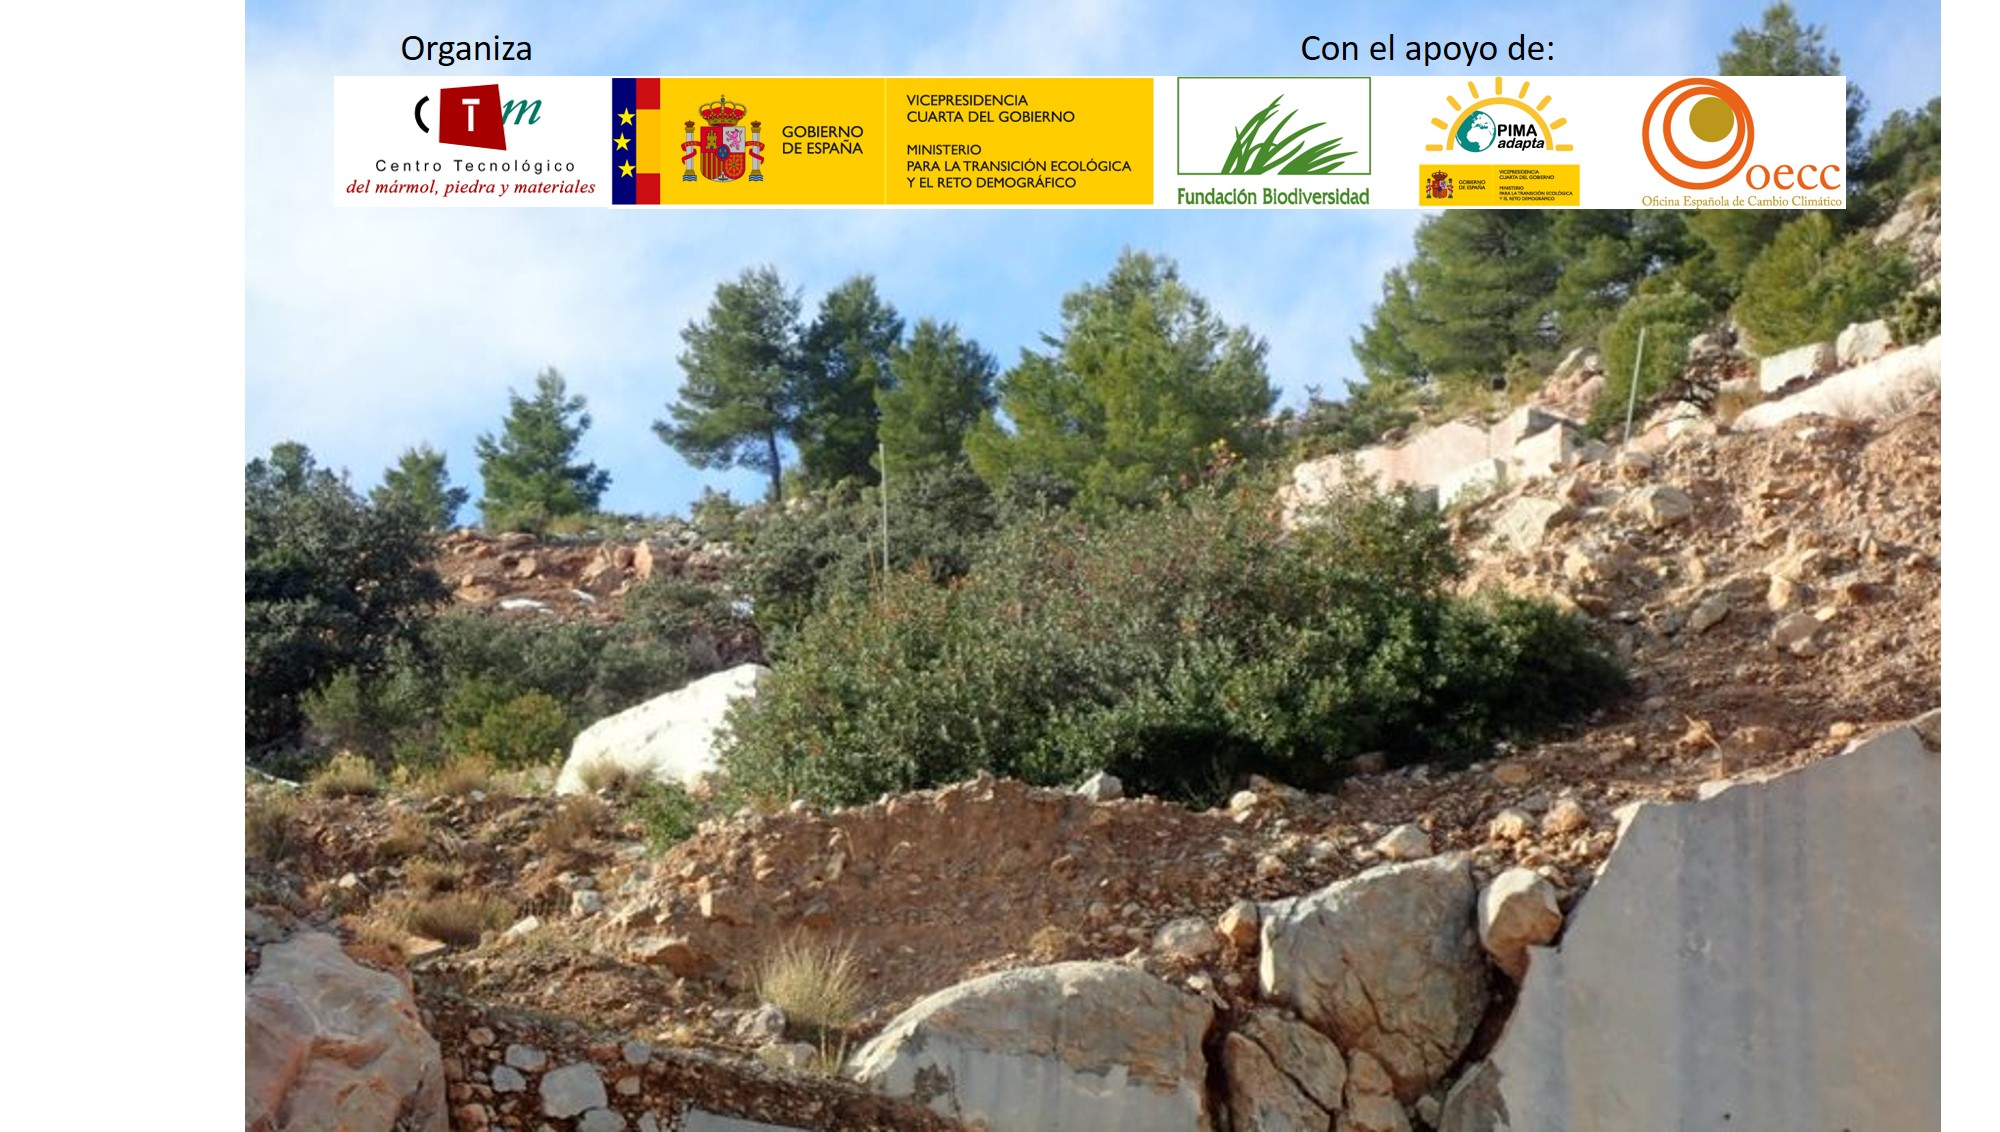 Desarrollamos líneas de trabajo para fomentar la biodiversidad en canteras de mármol dentro del proyecto BioReSTONE